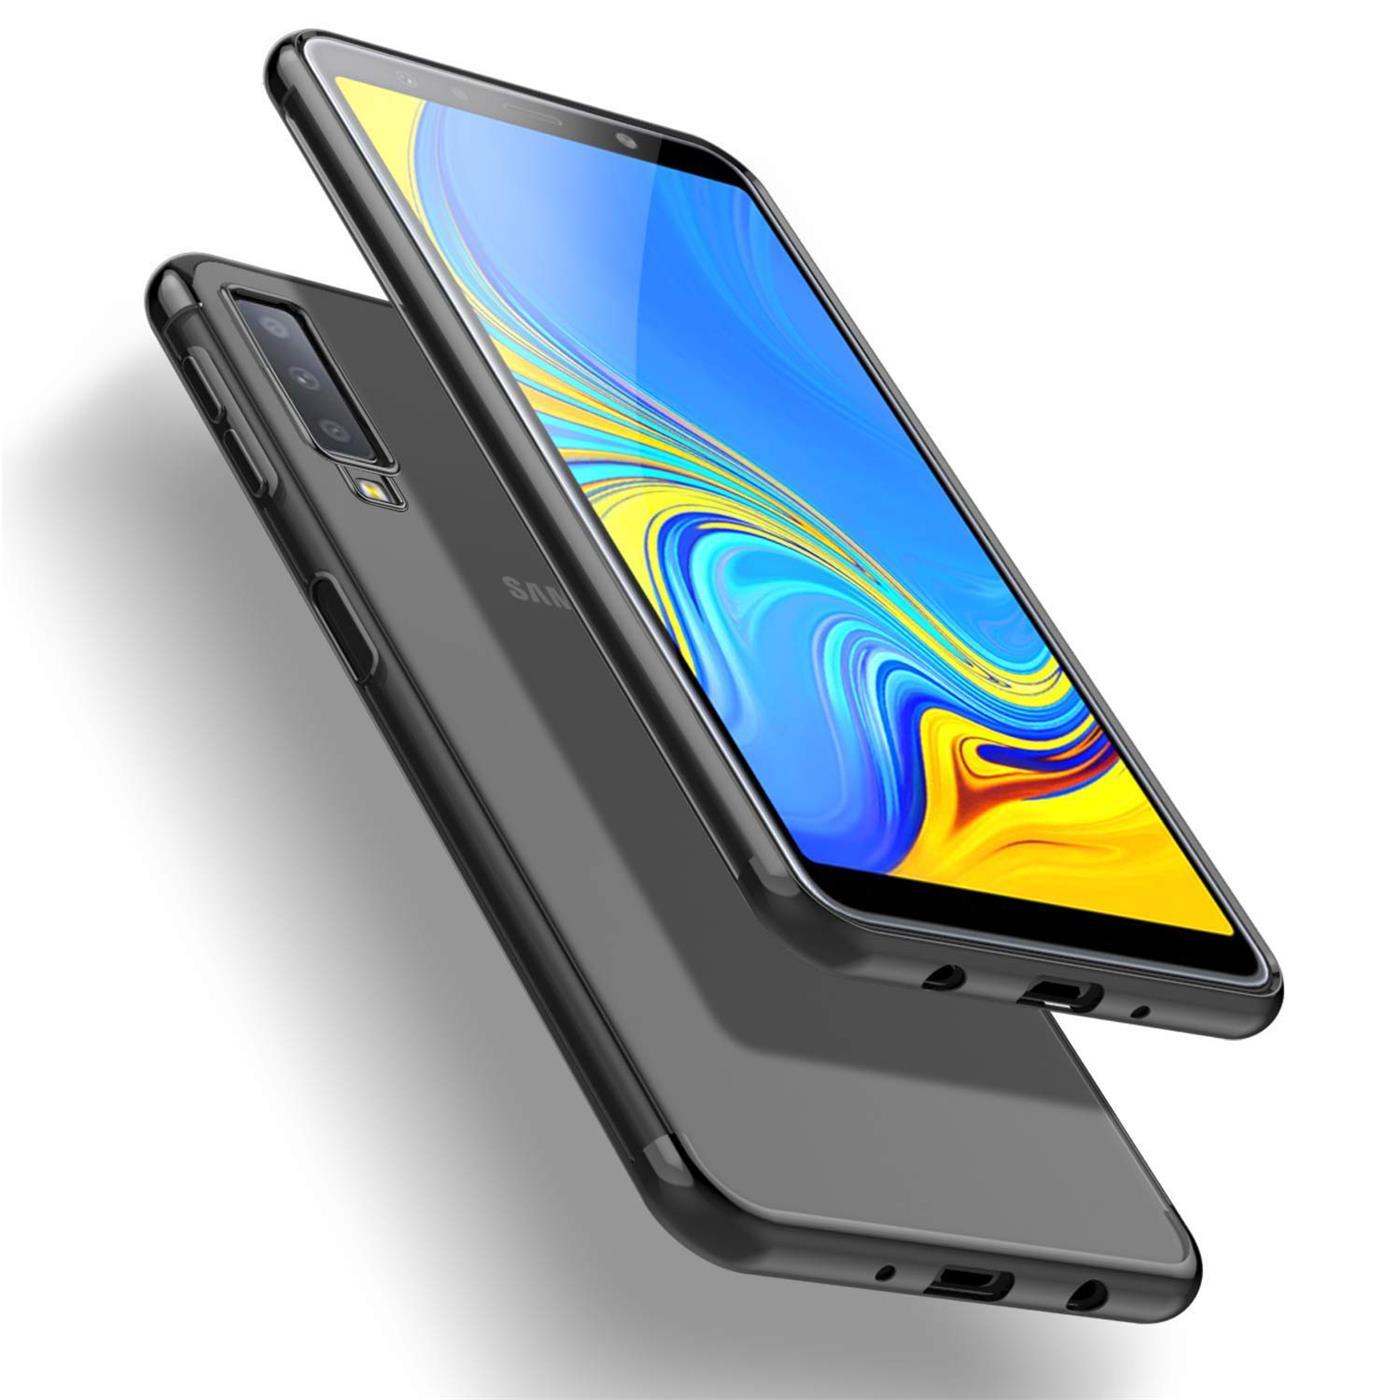 Samsung-Galaxy-A7-2018-Huelle-Schutzhuelle-Handy-Tasche-Slim-Etui-Case-Transparent